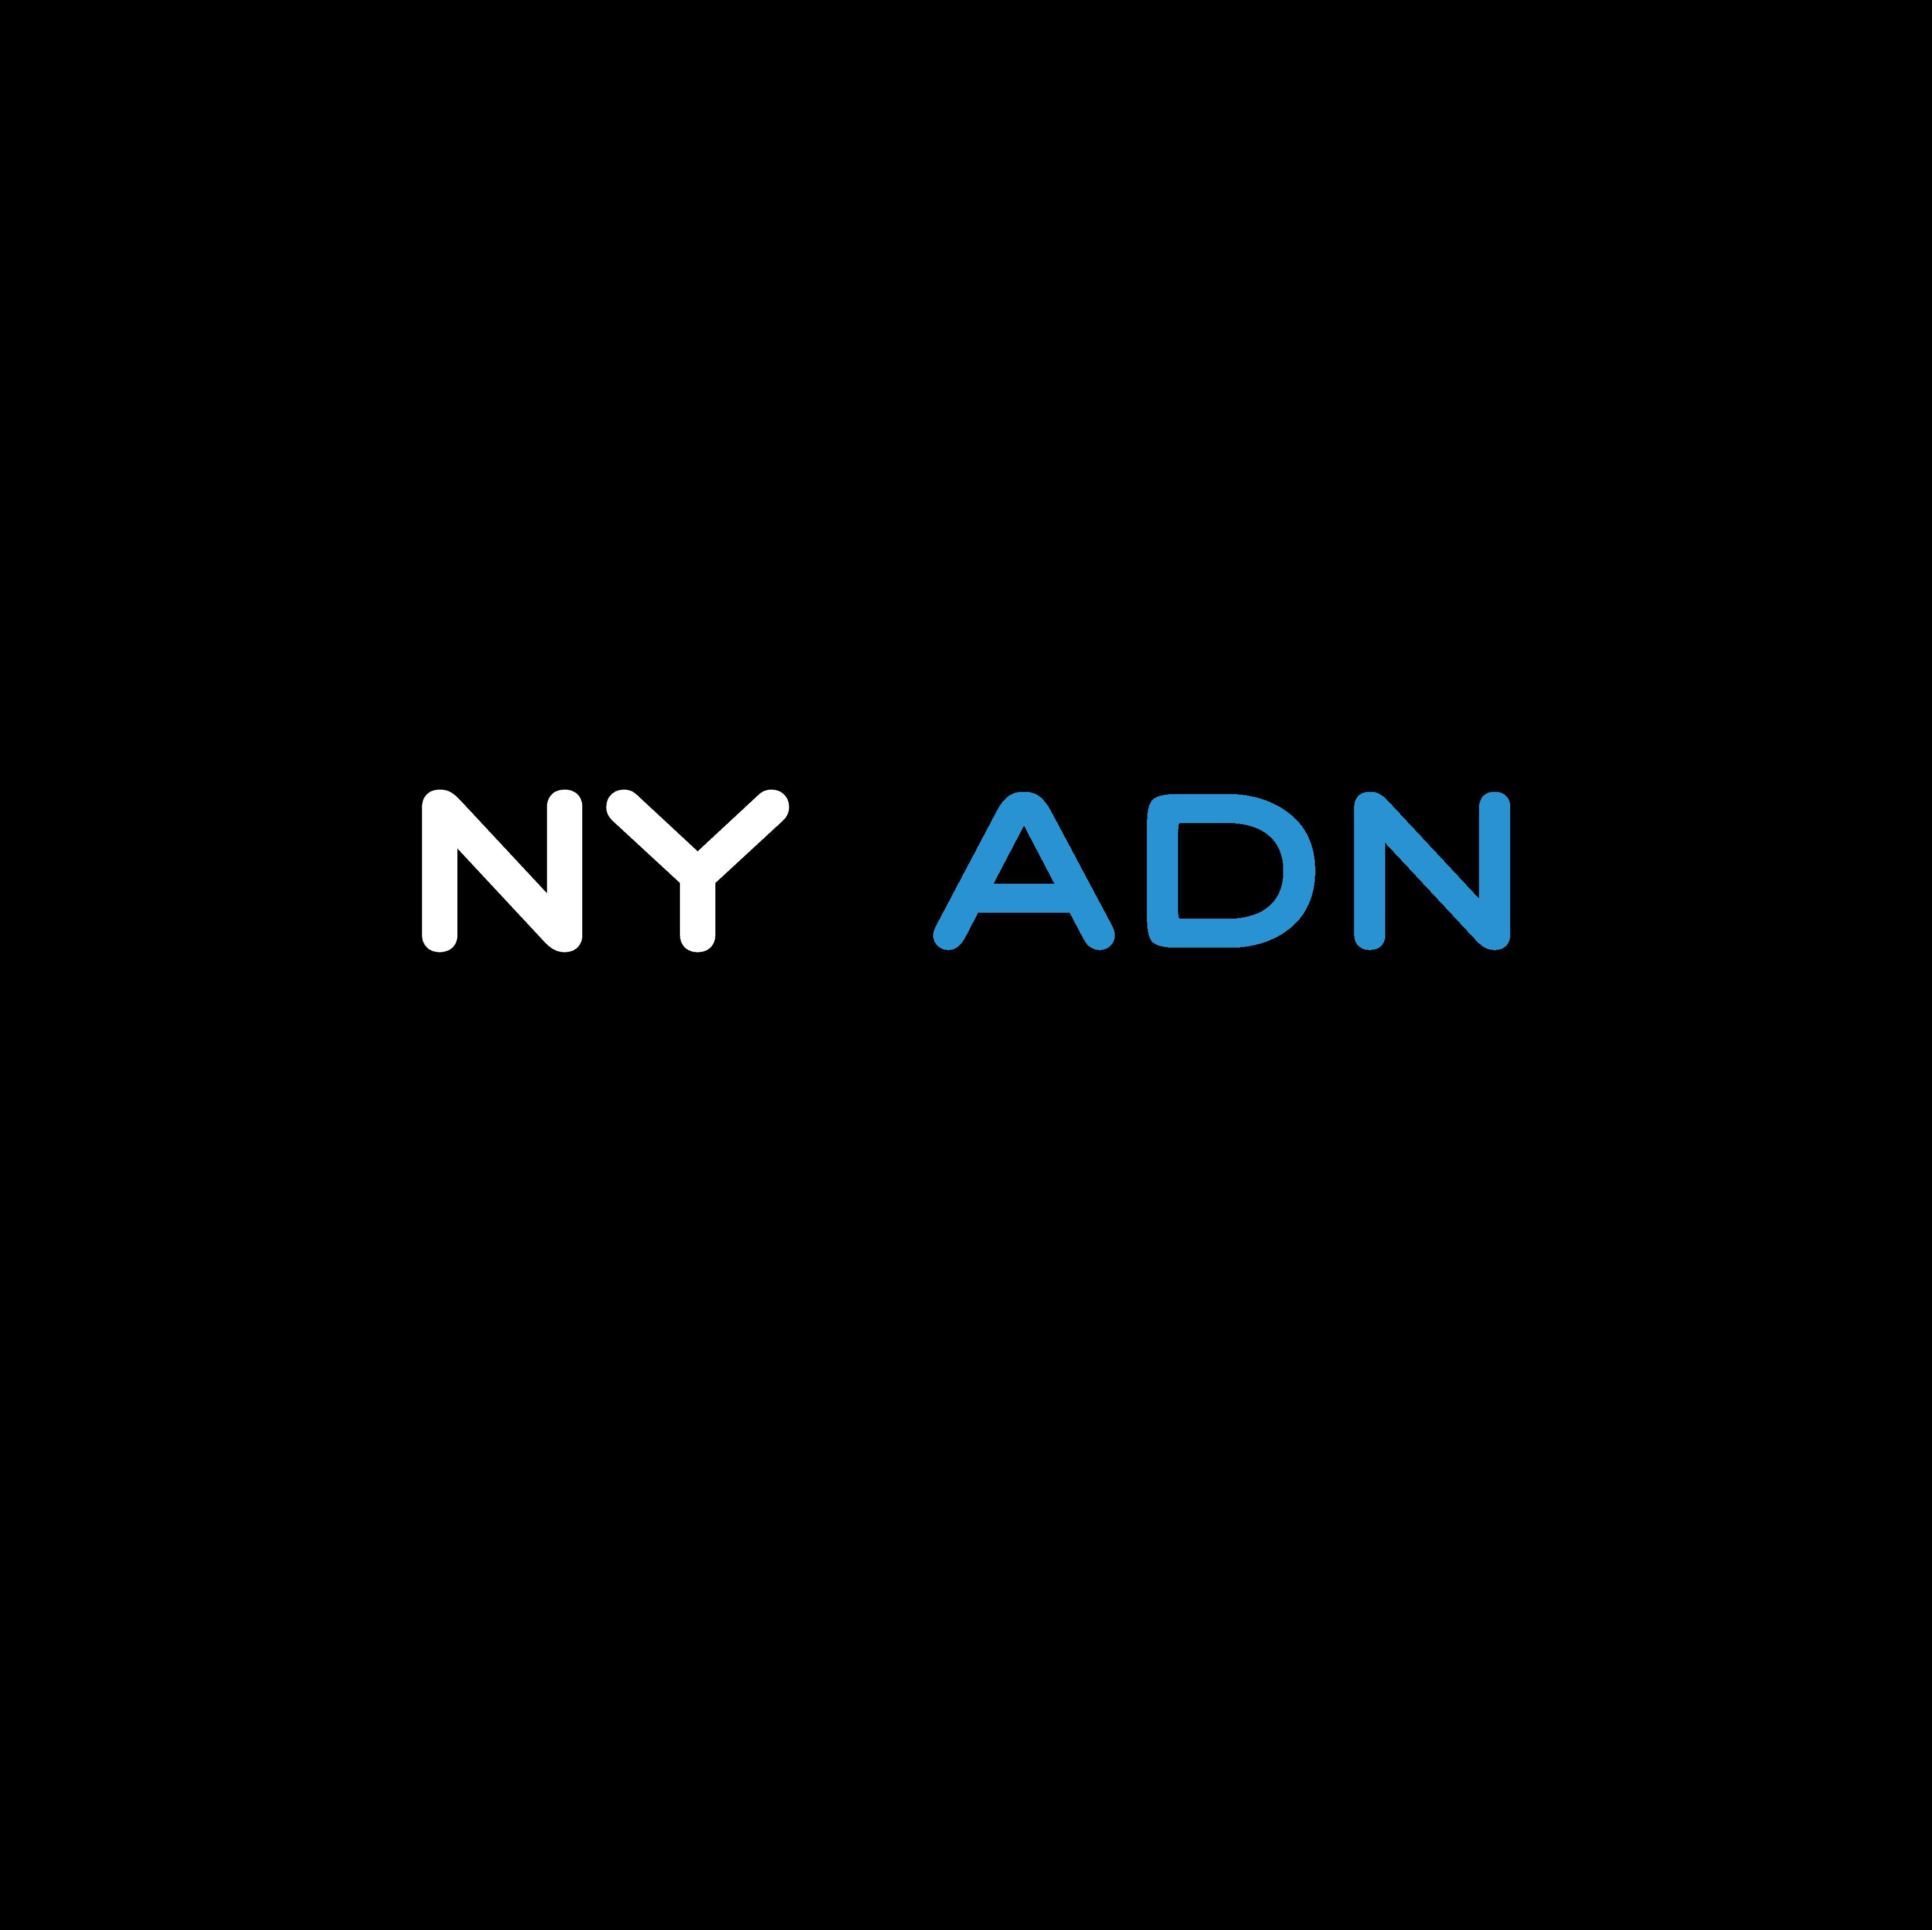 Pruebas de ADN - NYC